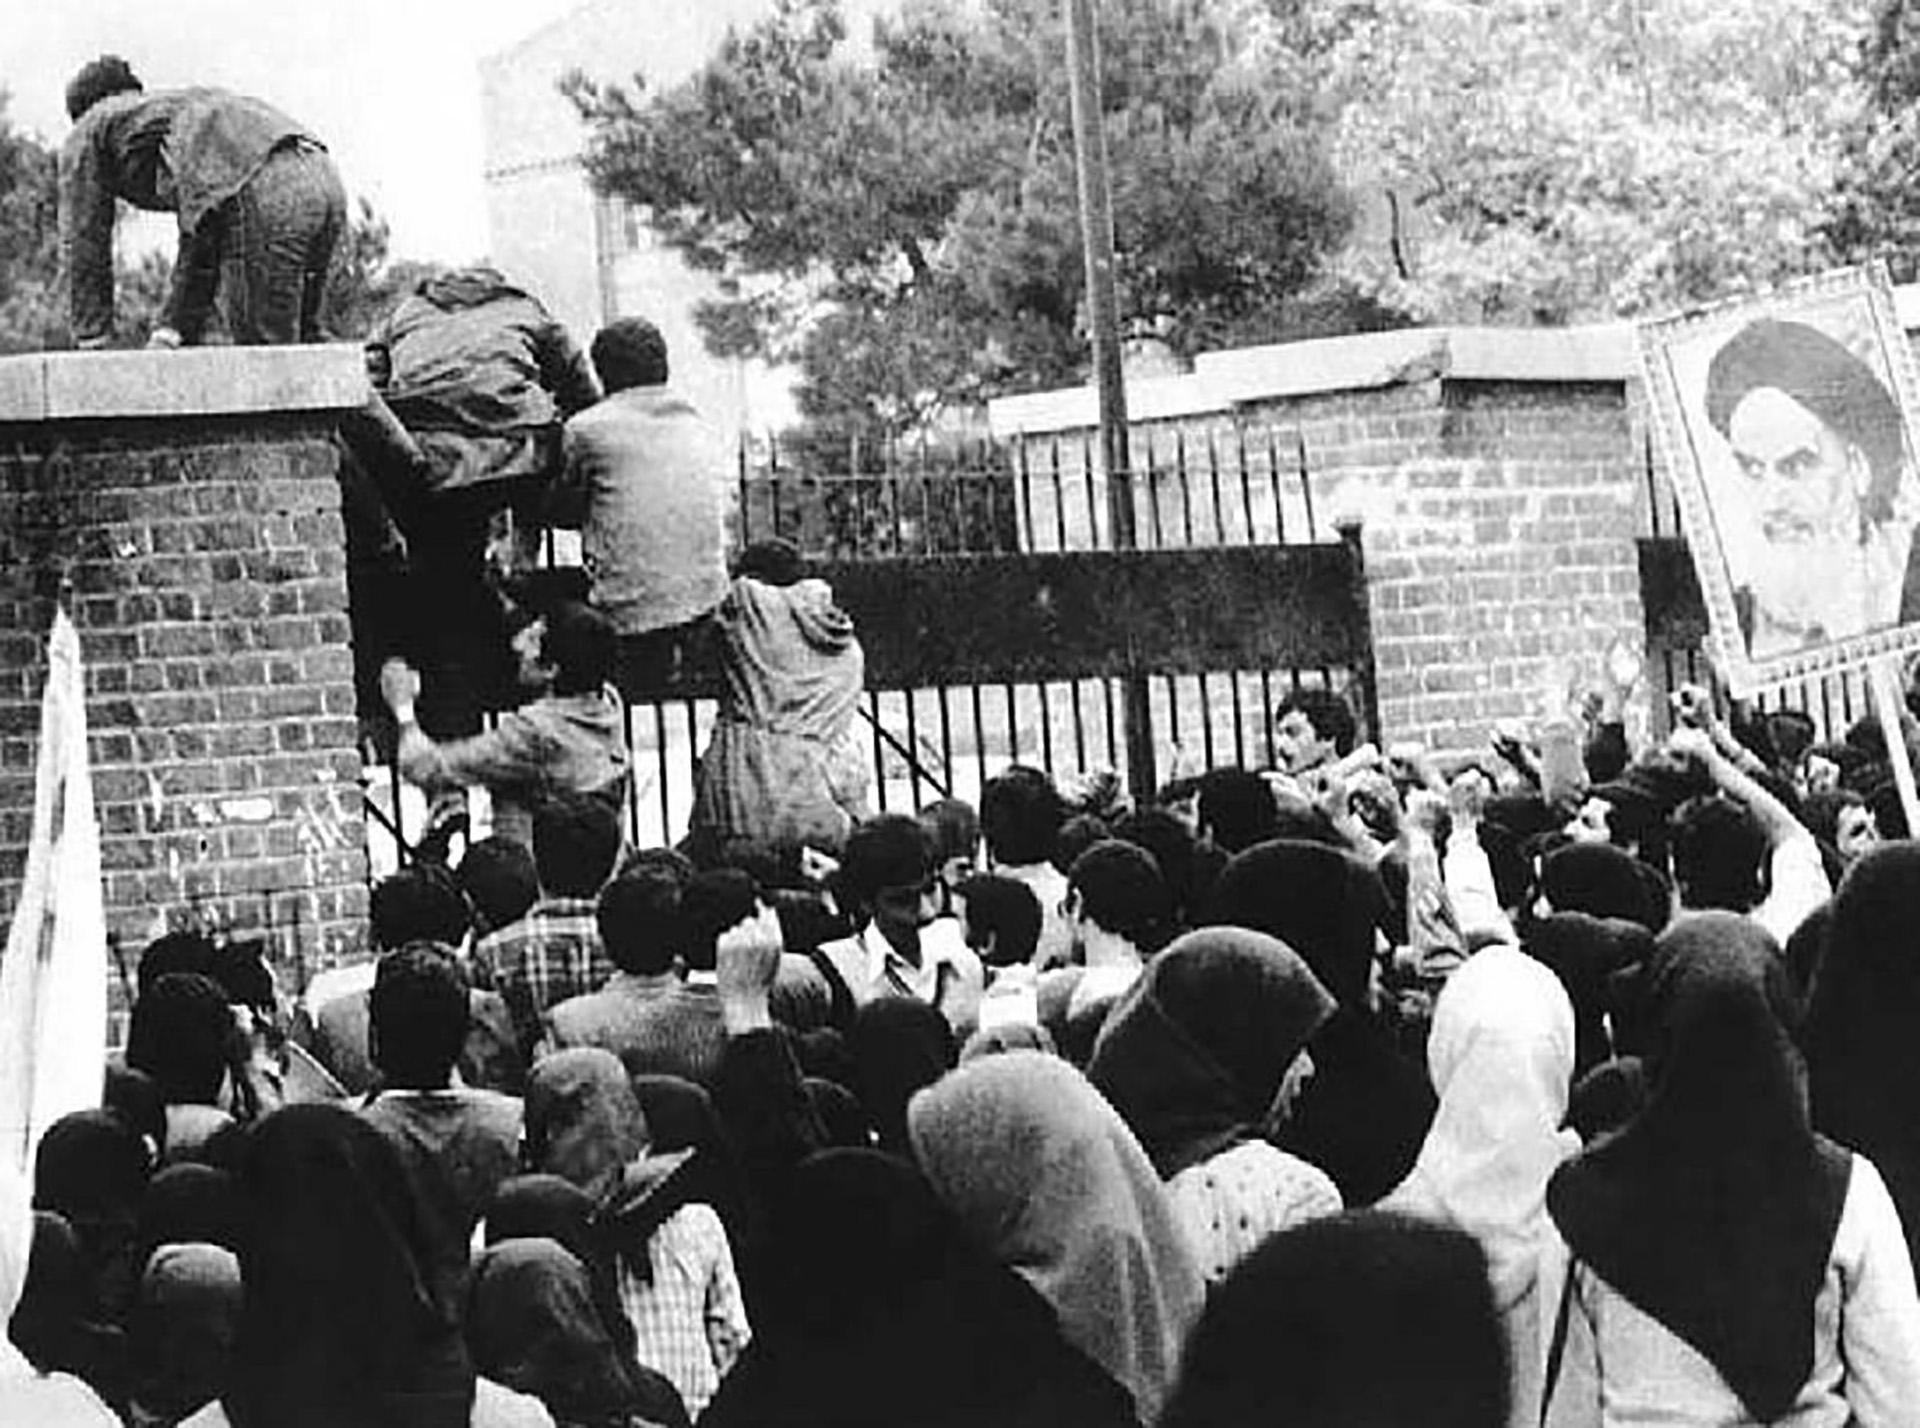 El momento en que jóvenes iraníes irrumpen en la embajada estadounidense en Teherán